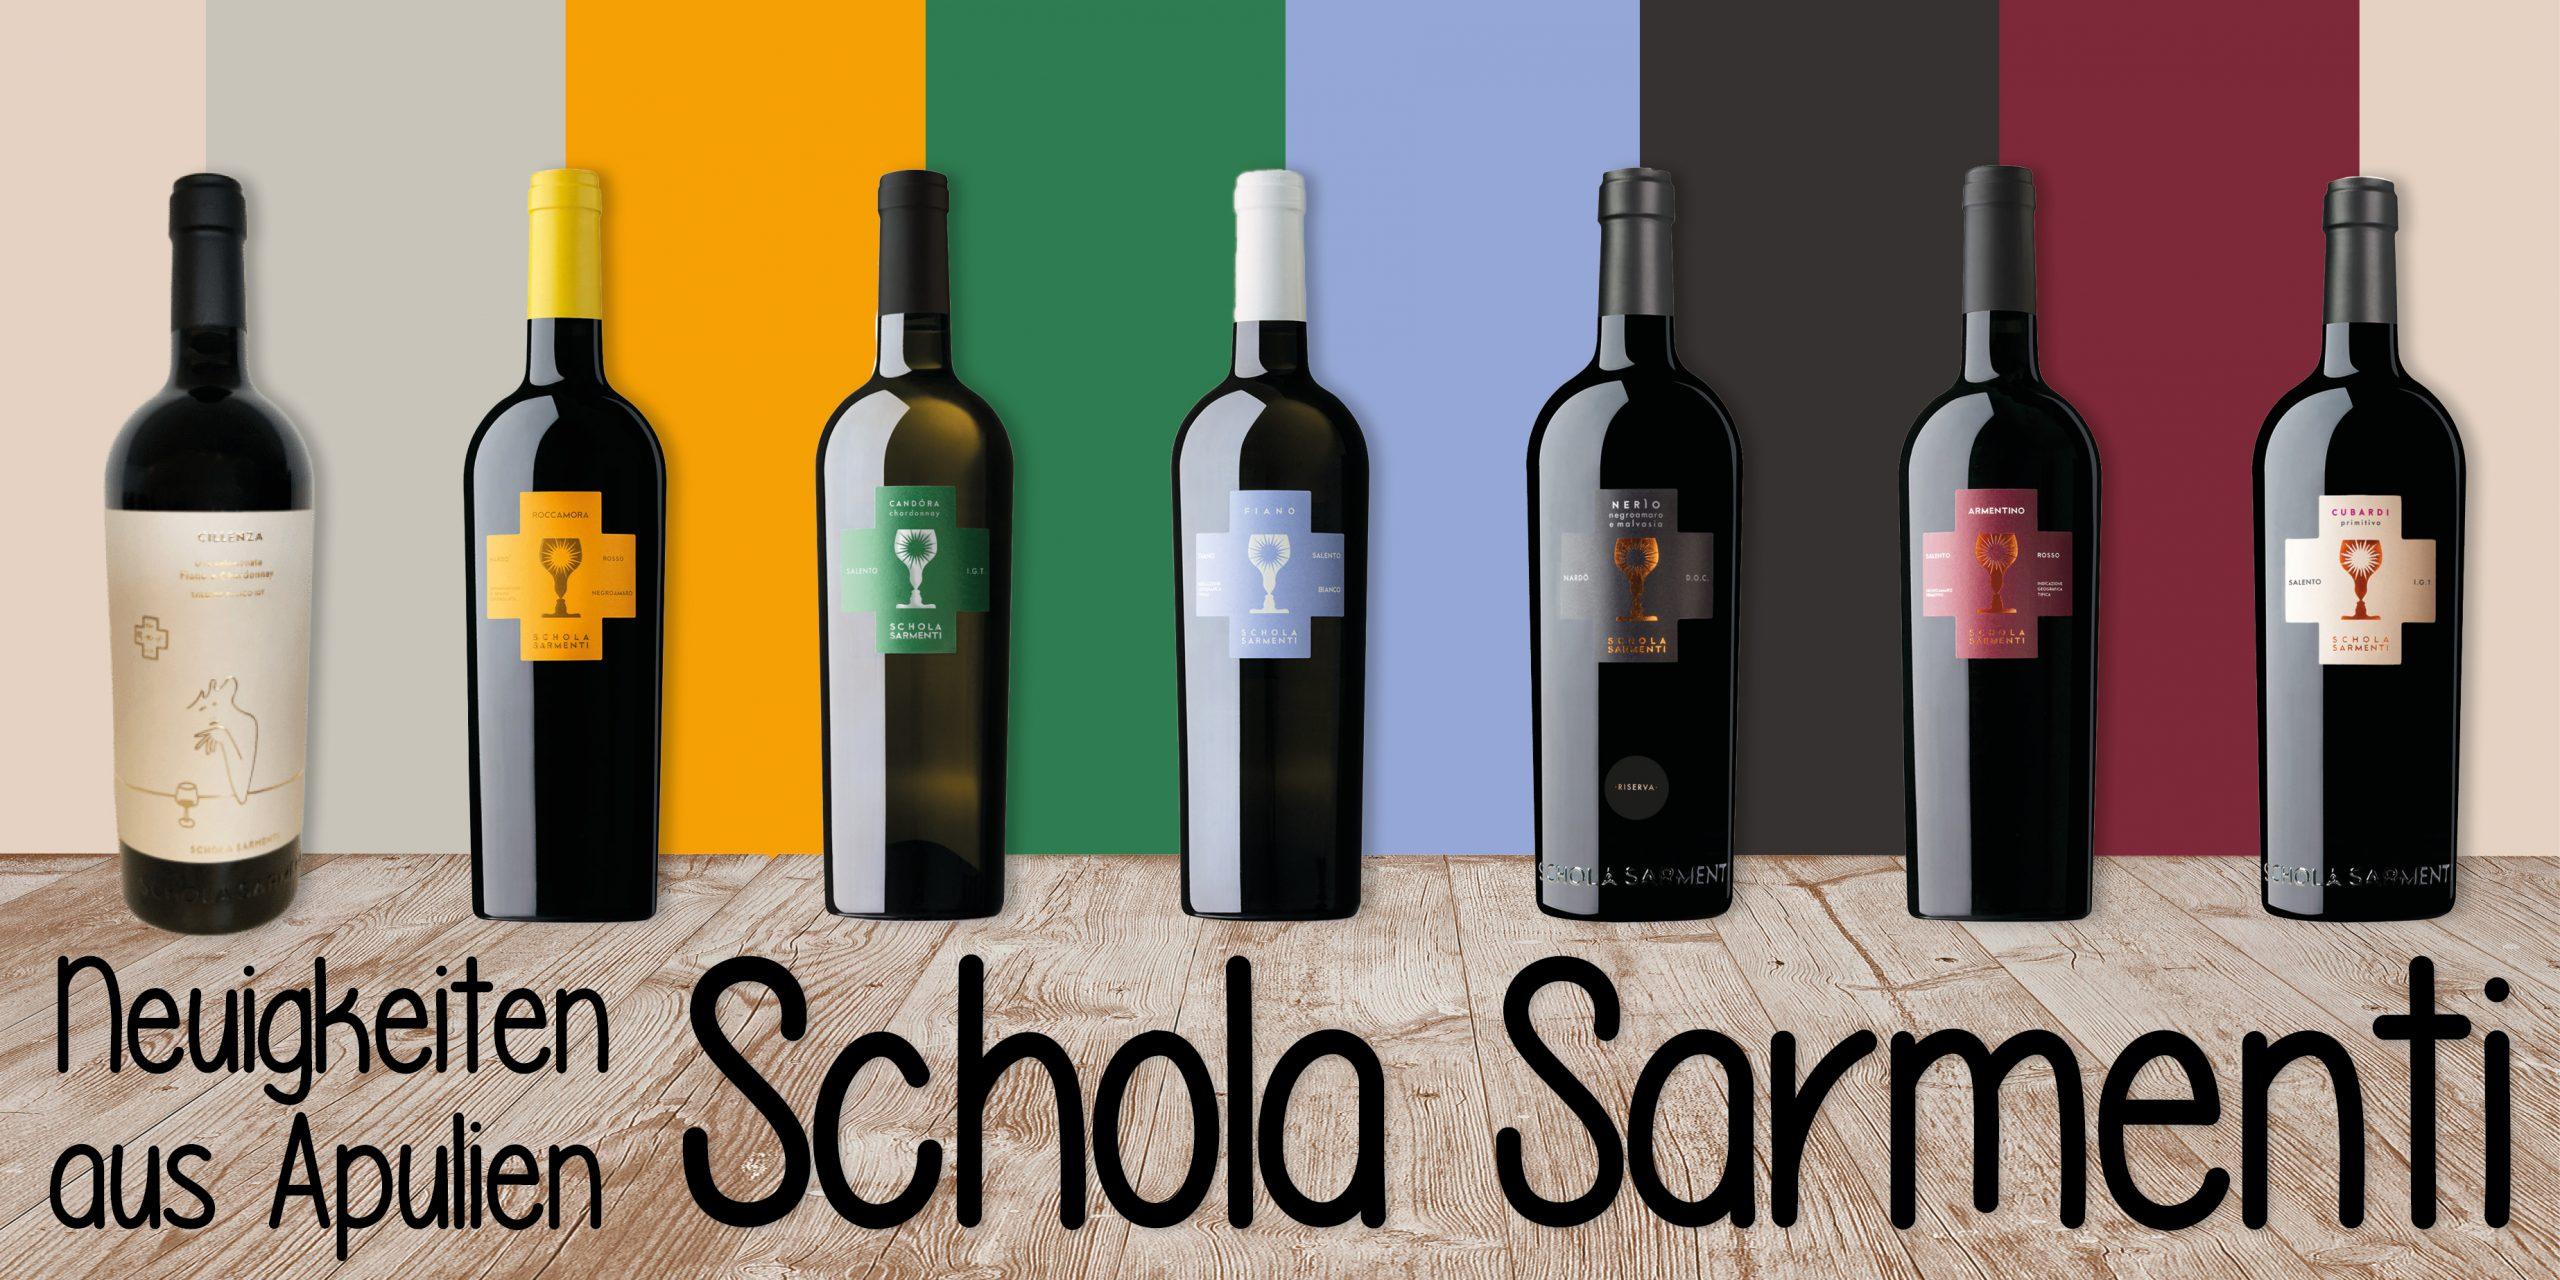 schola-head